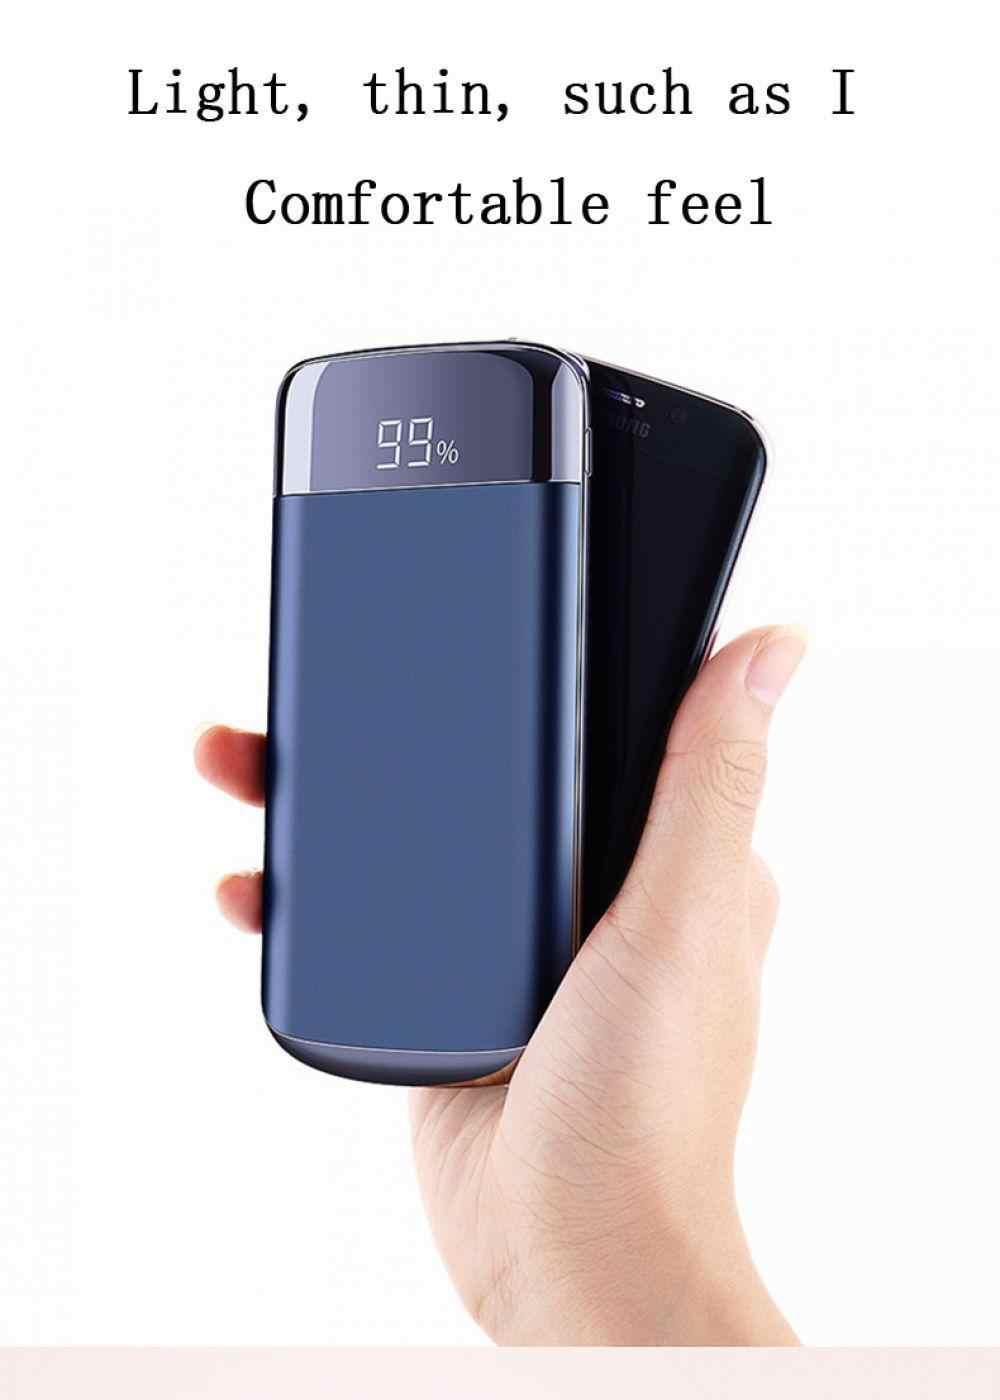 قوة البنك 20000 mah شاحن محمول مزدوج USB الناتج هاتف محمول الخارجية حزمة بطارية مع مصباح ليد ل فون باد سامسونج الجا